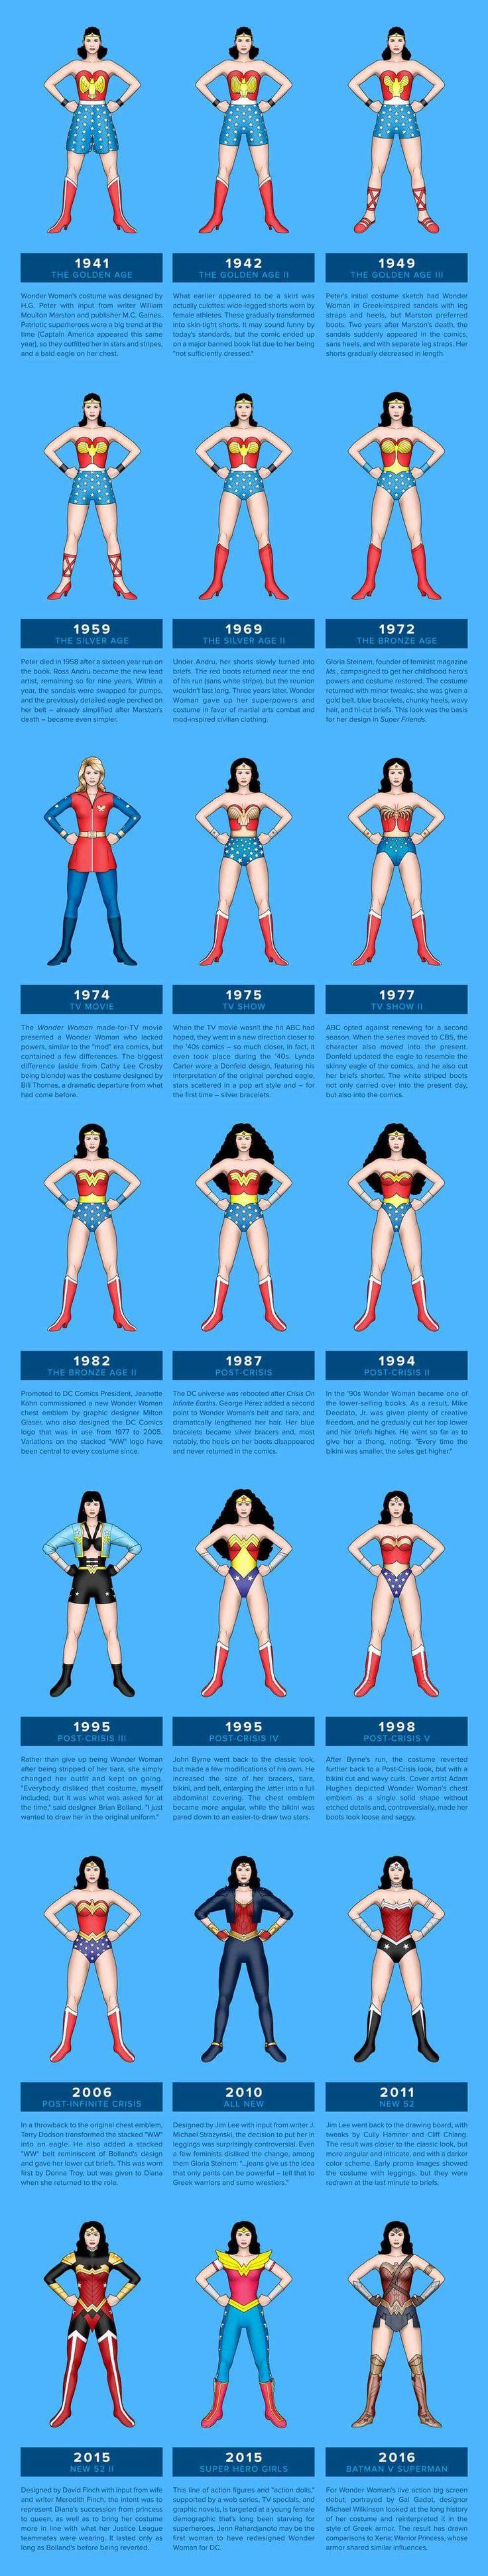 L'Evoluzione Della Donna Meraviglia